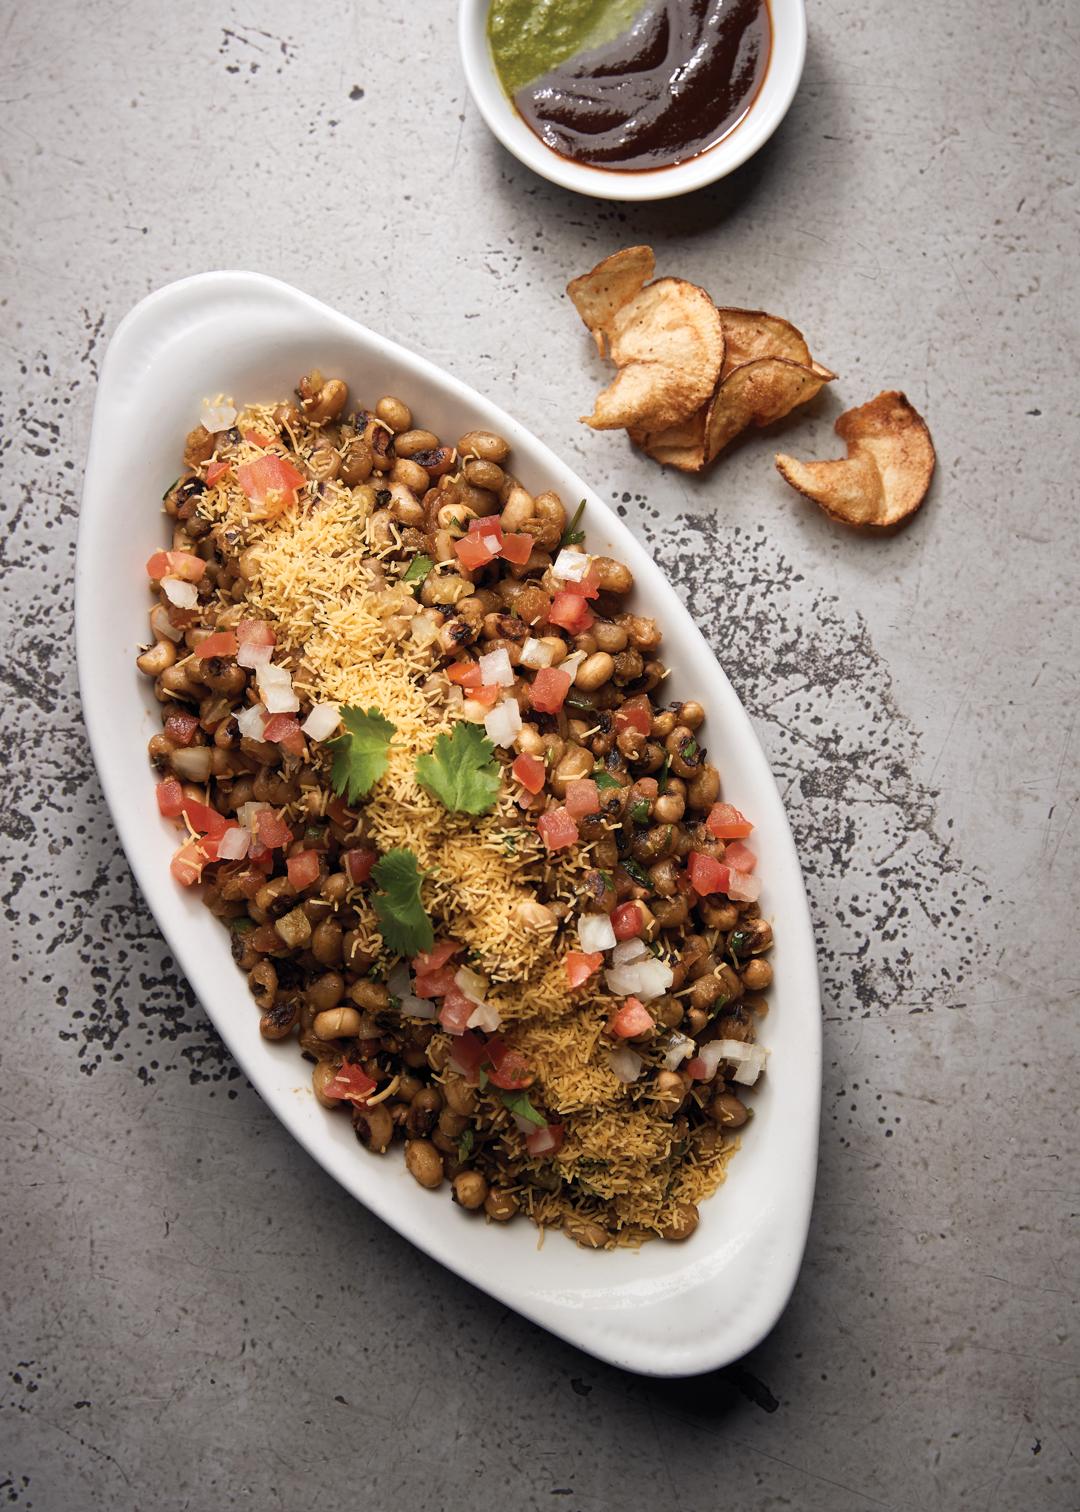 Indian food in Decatur: Tava